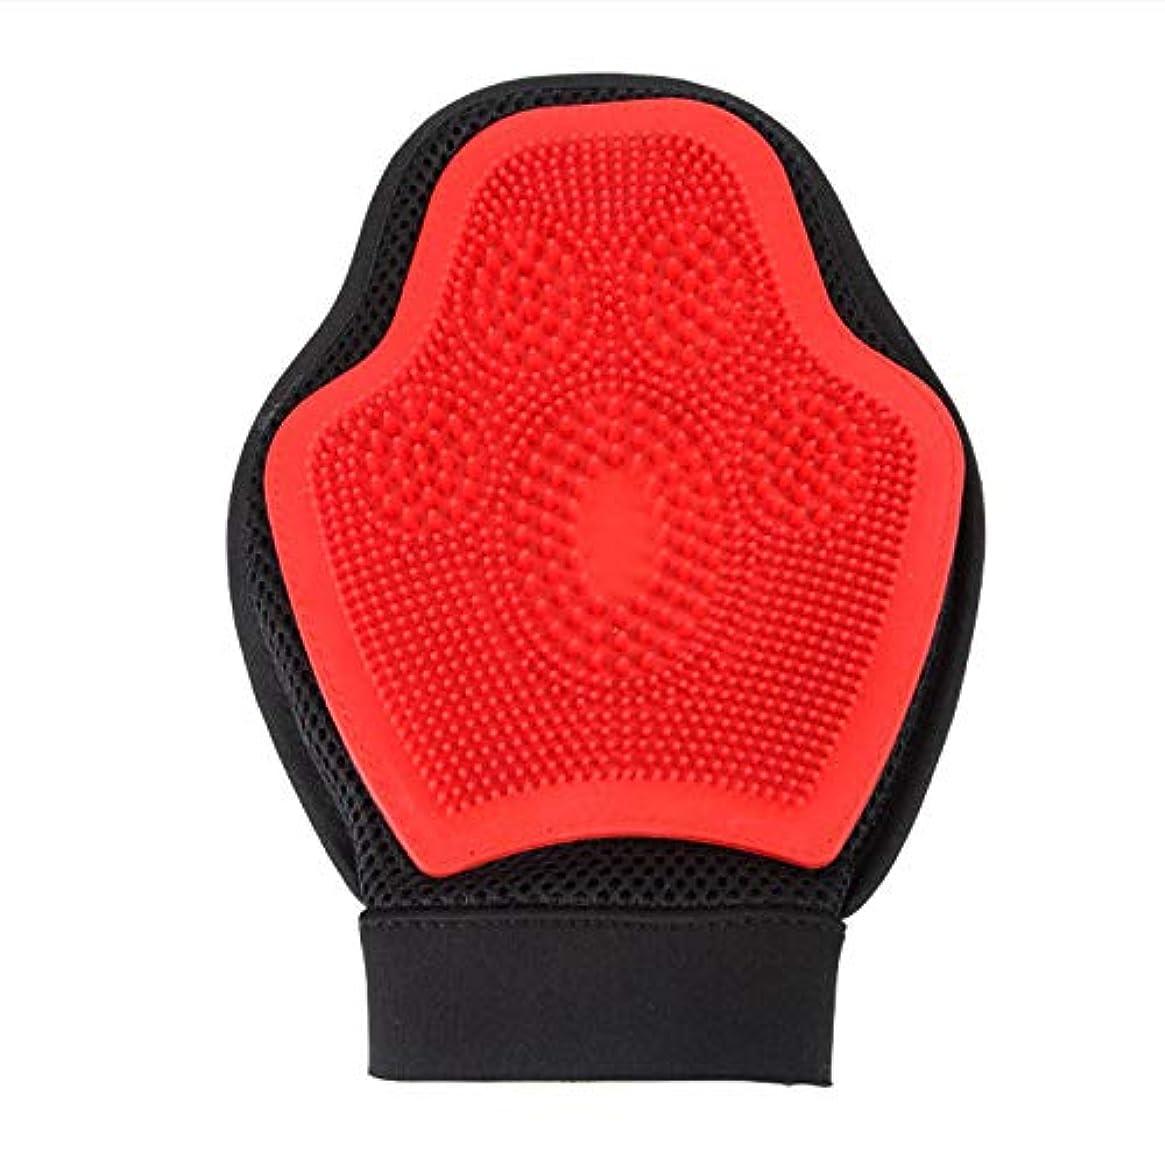 非行イブ眉をひそめるBTXXYJP 手袋 ペット ブラシ グローブ 猫 ブラシ クリーナー 抜け毛取り ブラッシング マッサージブラシ 犬 グローブ ペット毛取りブラシ お手入れ (Color : Red, Size : L)